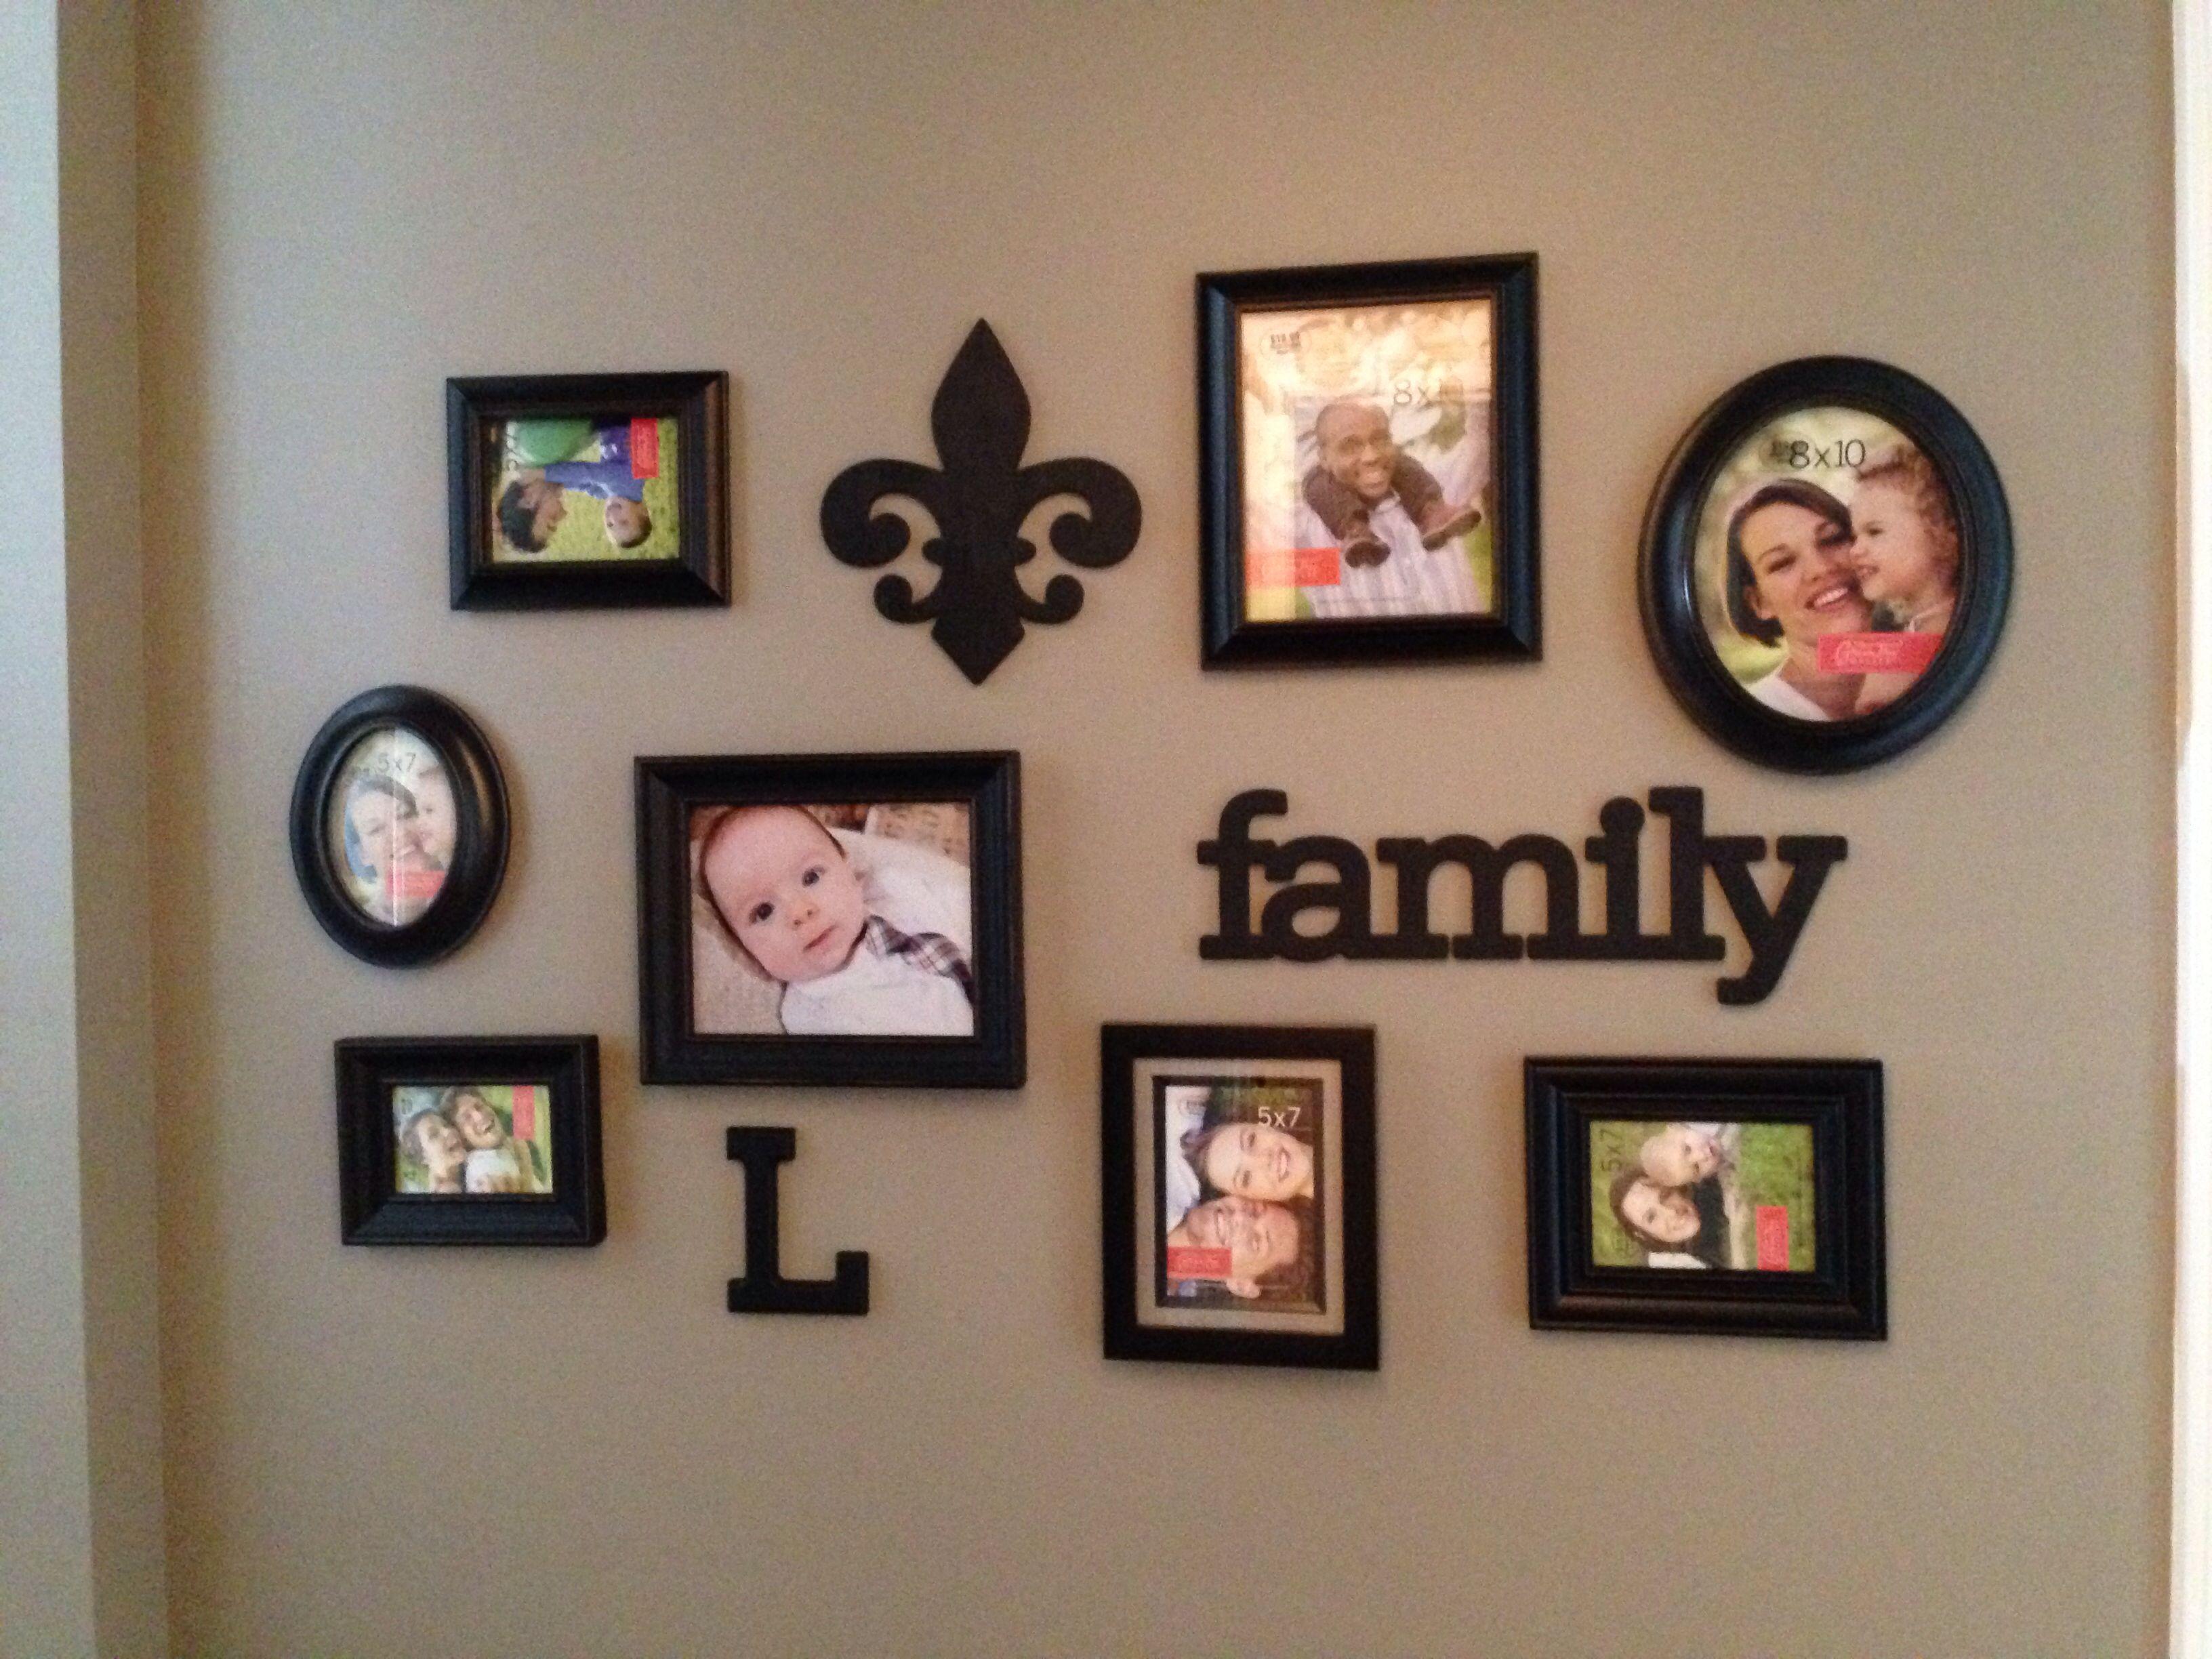 DIY hallway photo gallery cluster of picture frames ~ with fleur de lis & monogram letter #family #fleur de lis